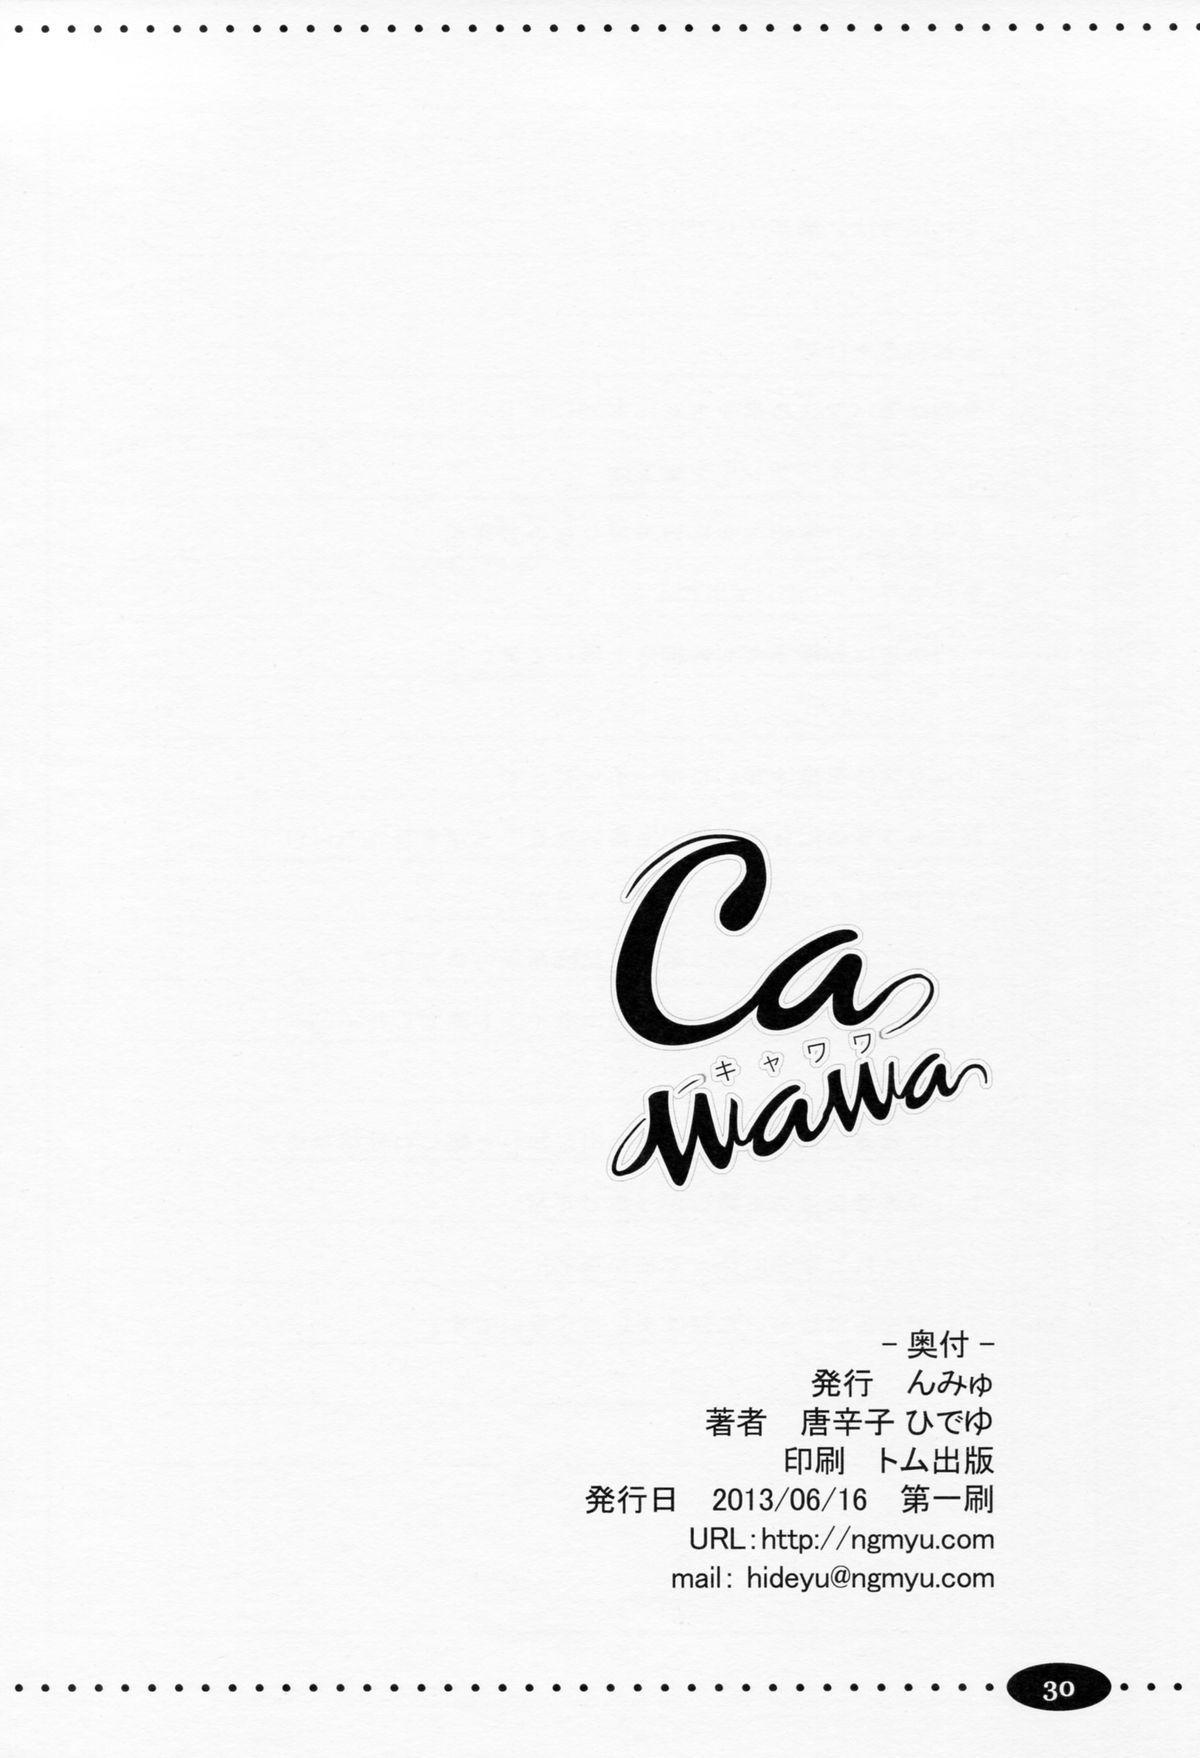 CAWAWA 28